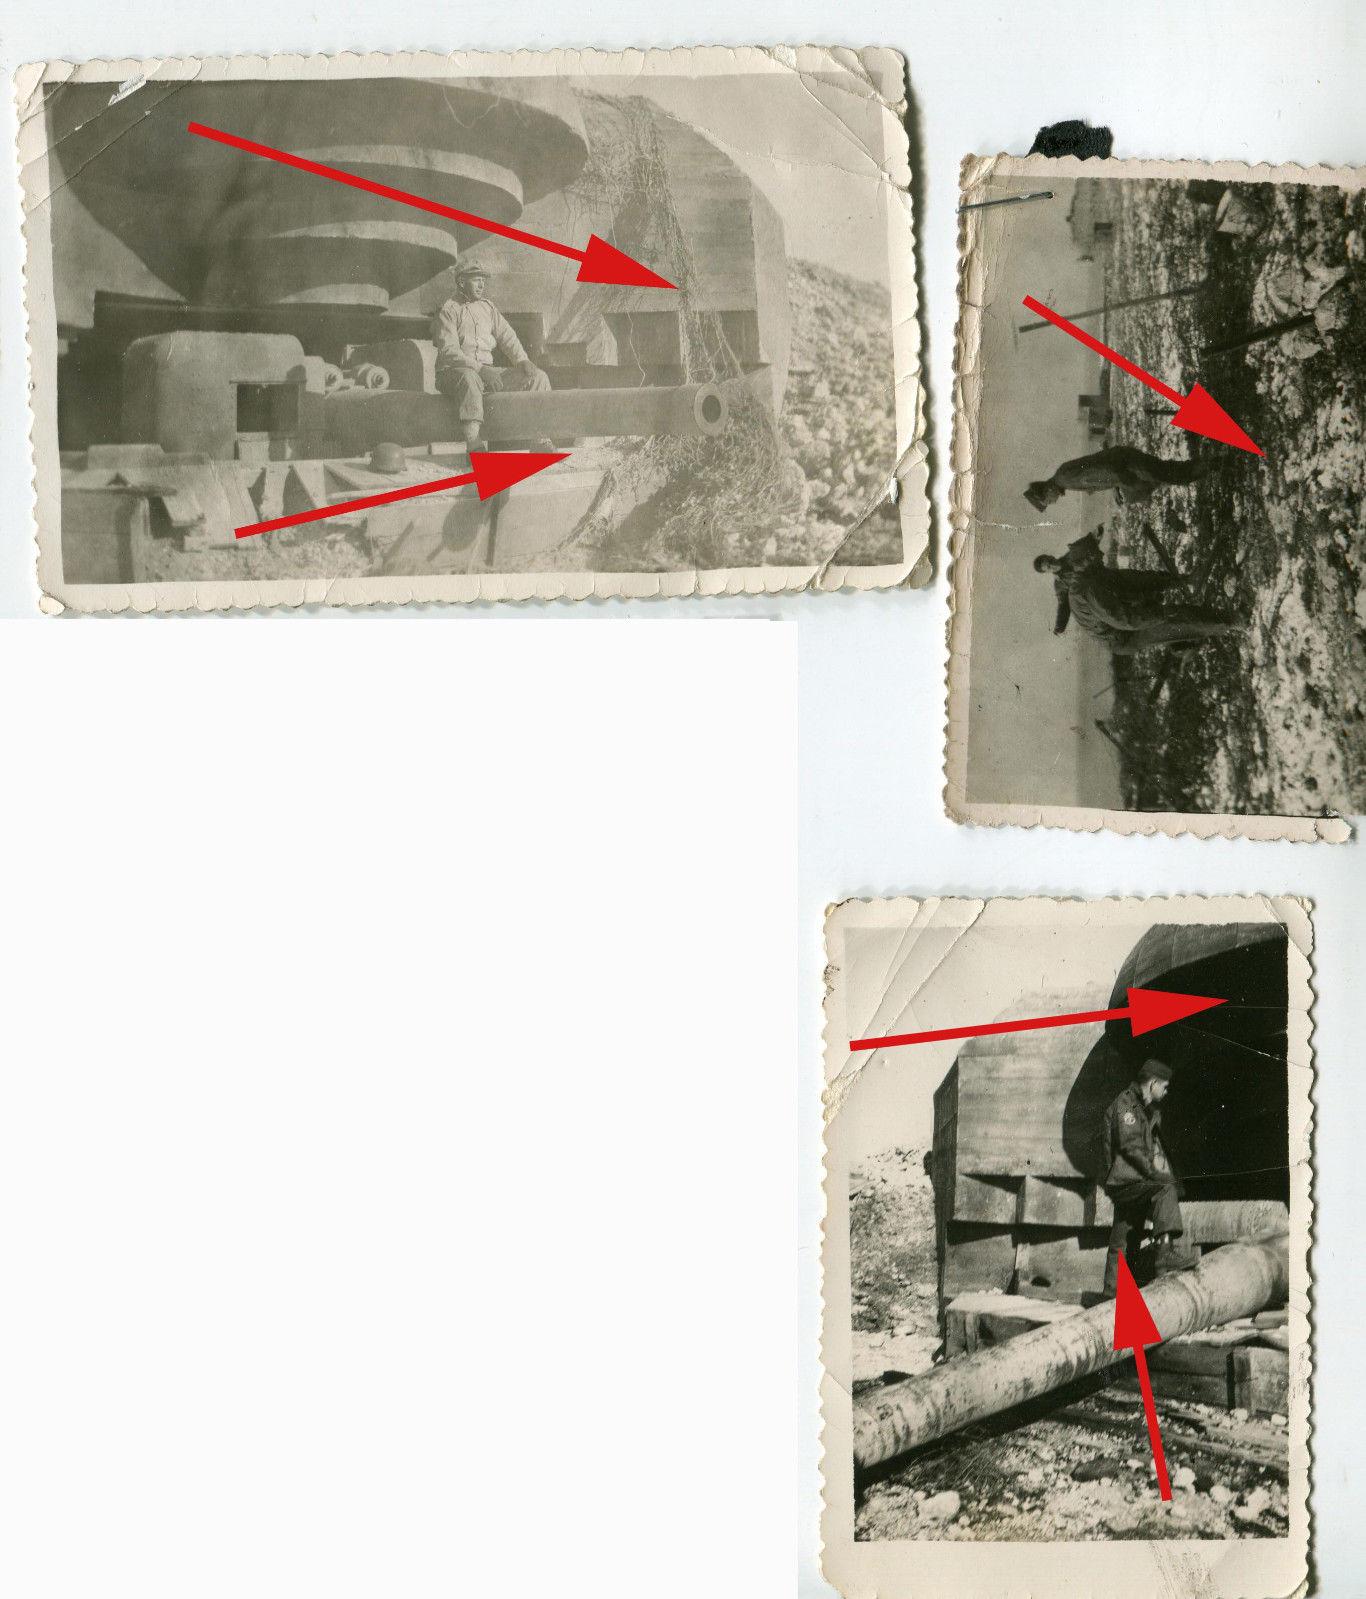 Rhl 068, M.K.B Espanet (Martigues, 13) - Page 2 180530055244939342